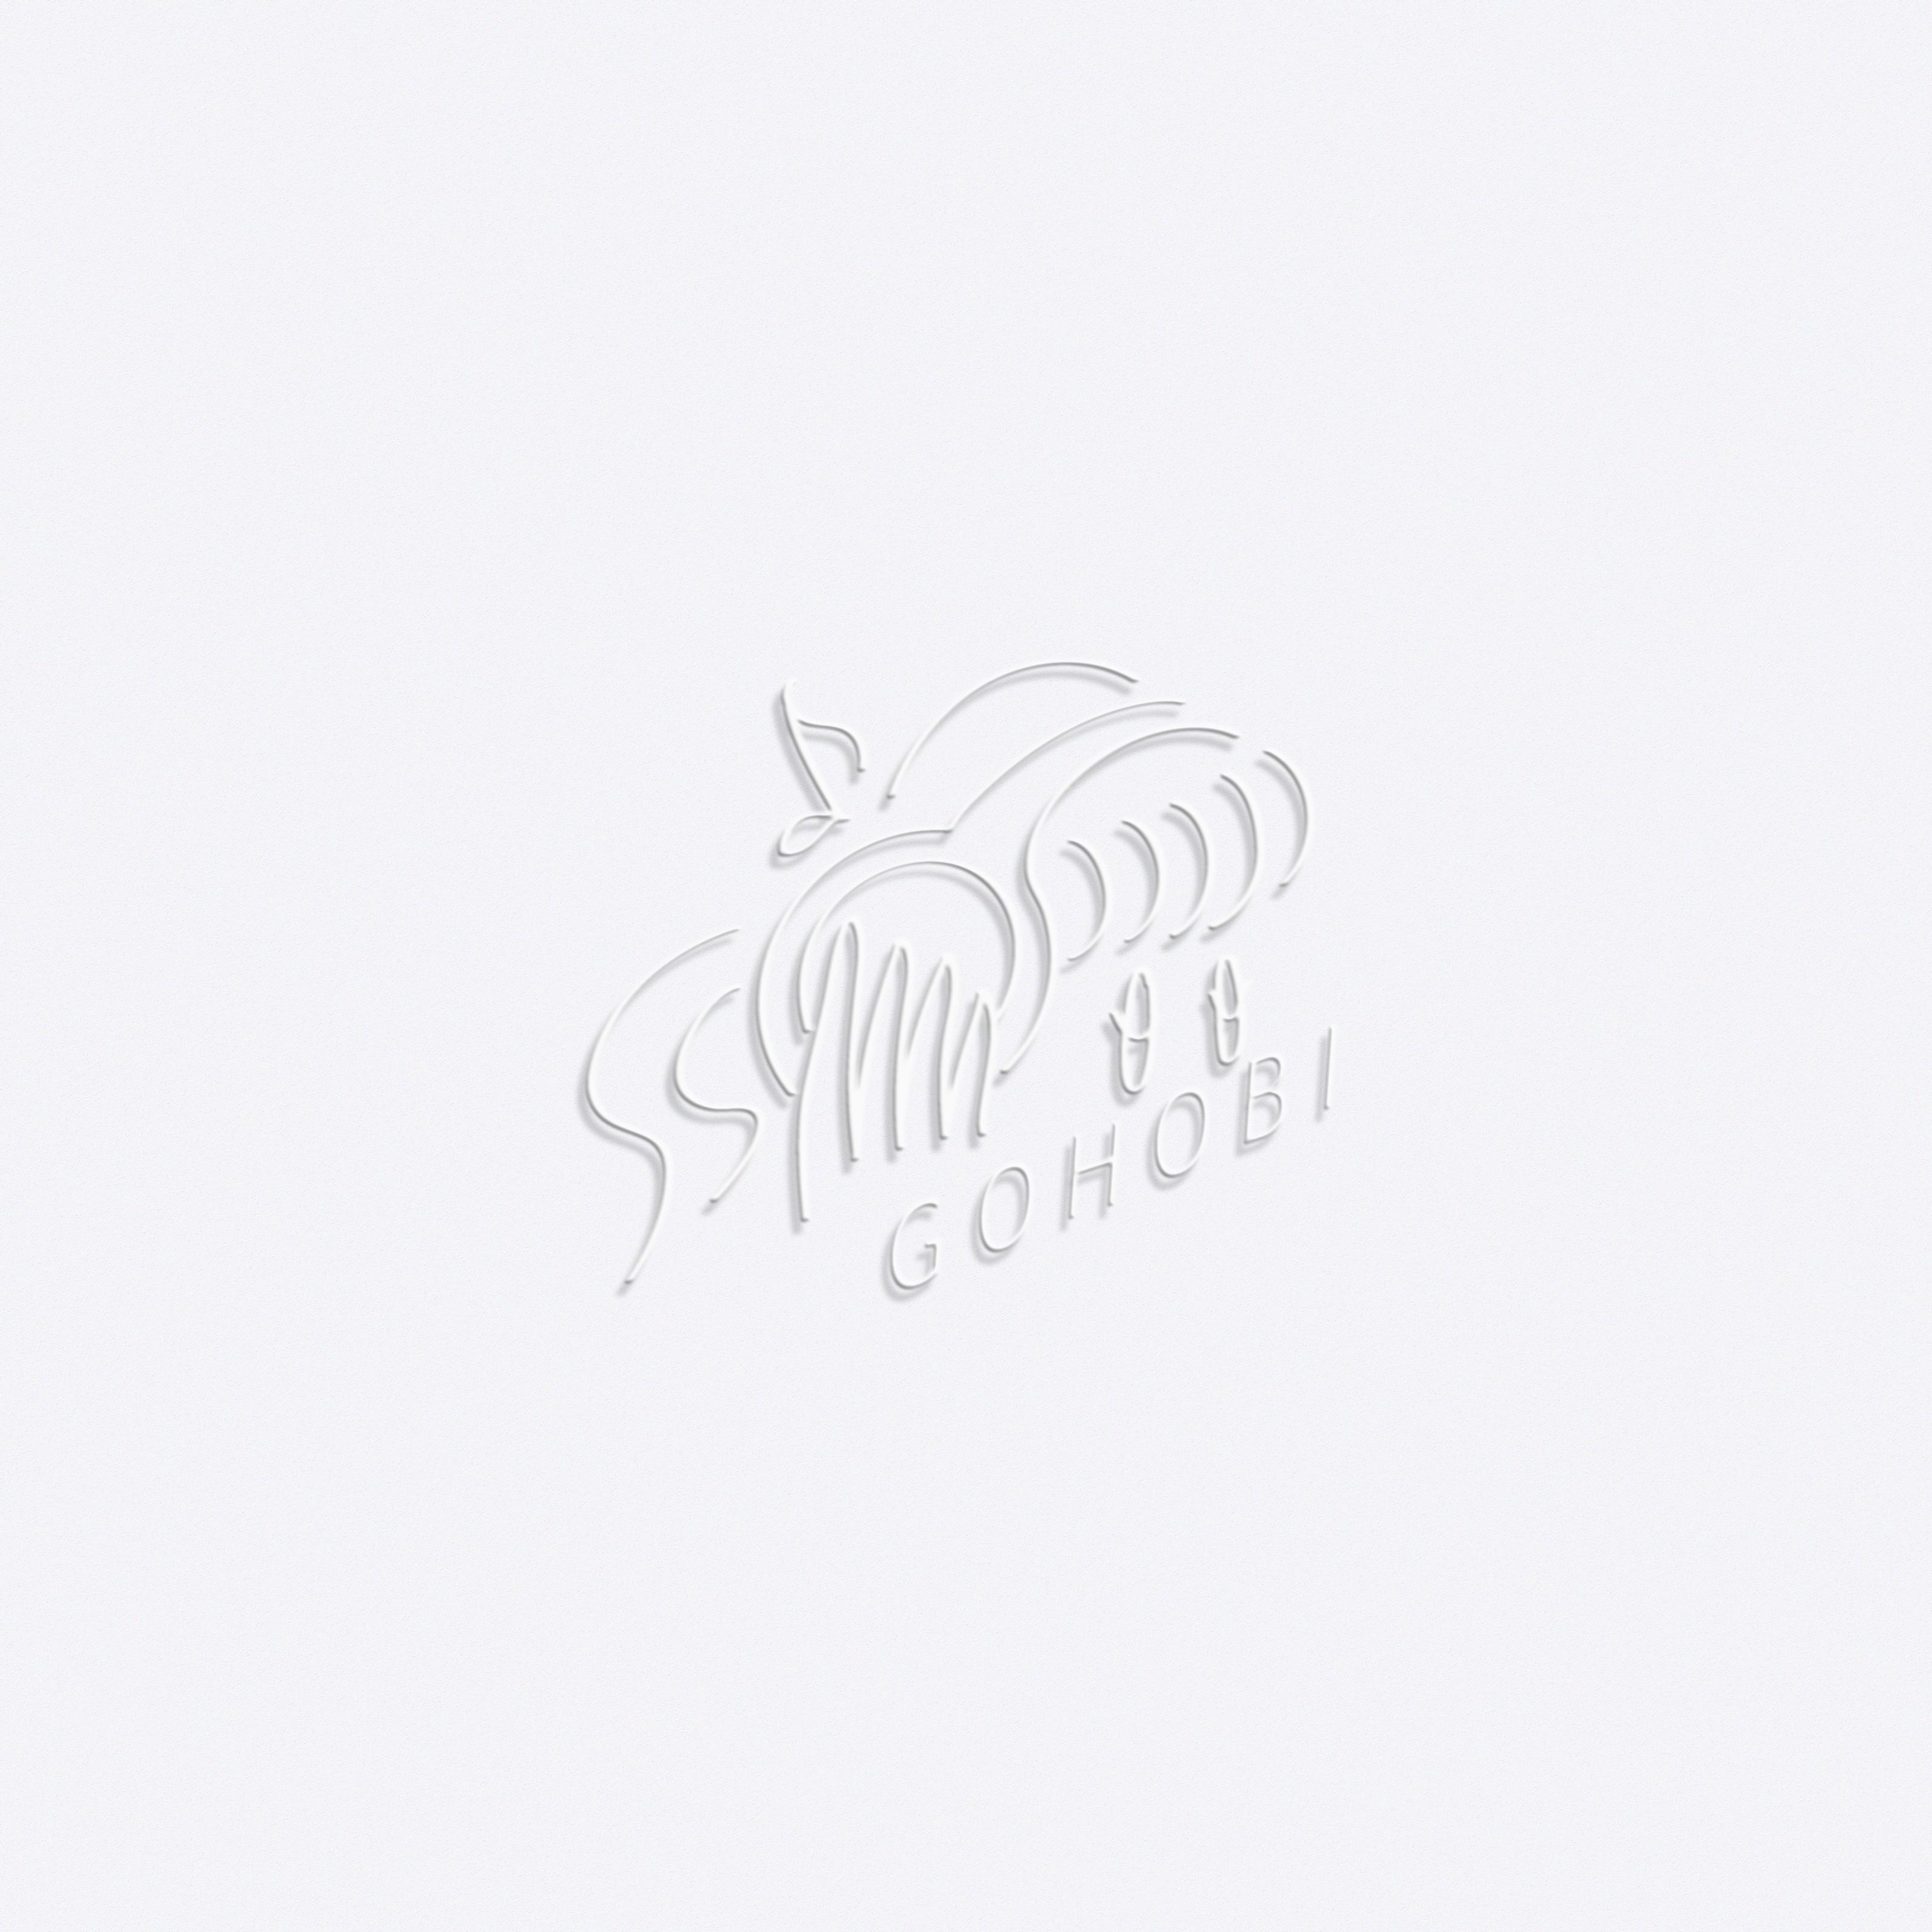 Gohoubi (ゴホウビ) – WE ARE ゴホウビ  [FLAC / 24bit Lossless / WEB] [2019.02.16]